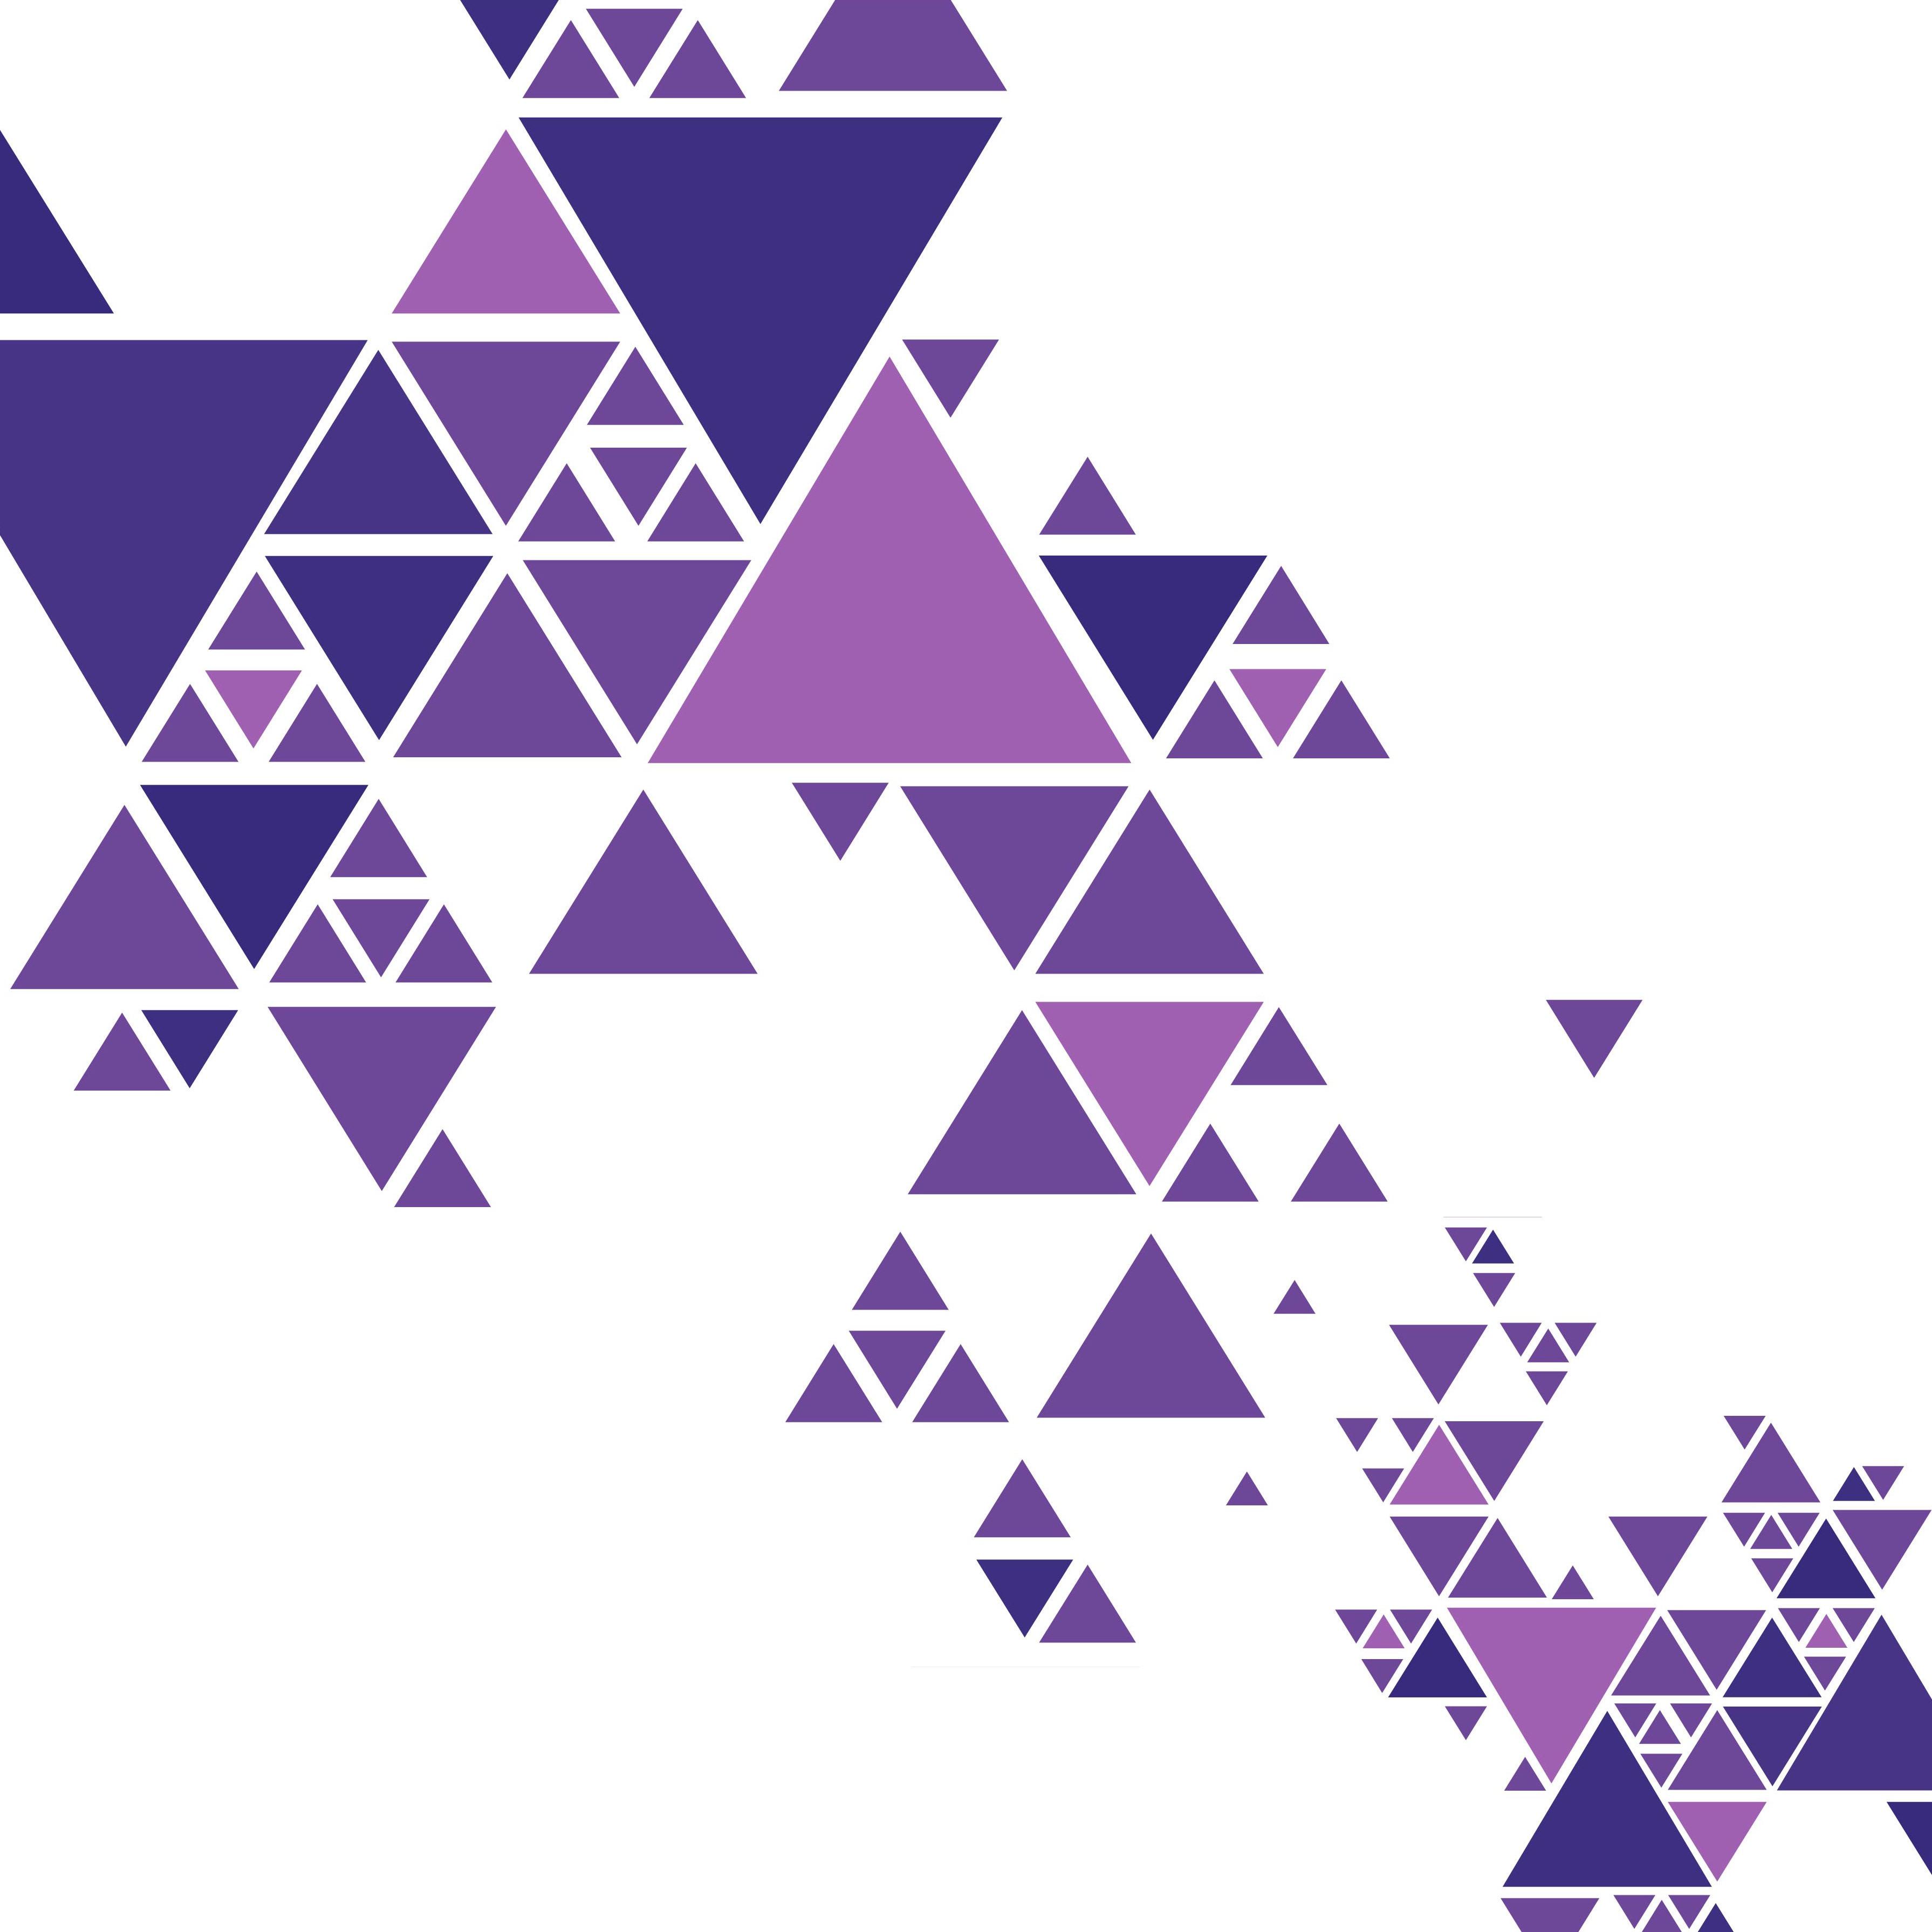 картинки с треугольниками графика больших заборов